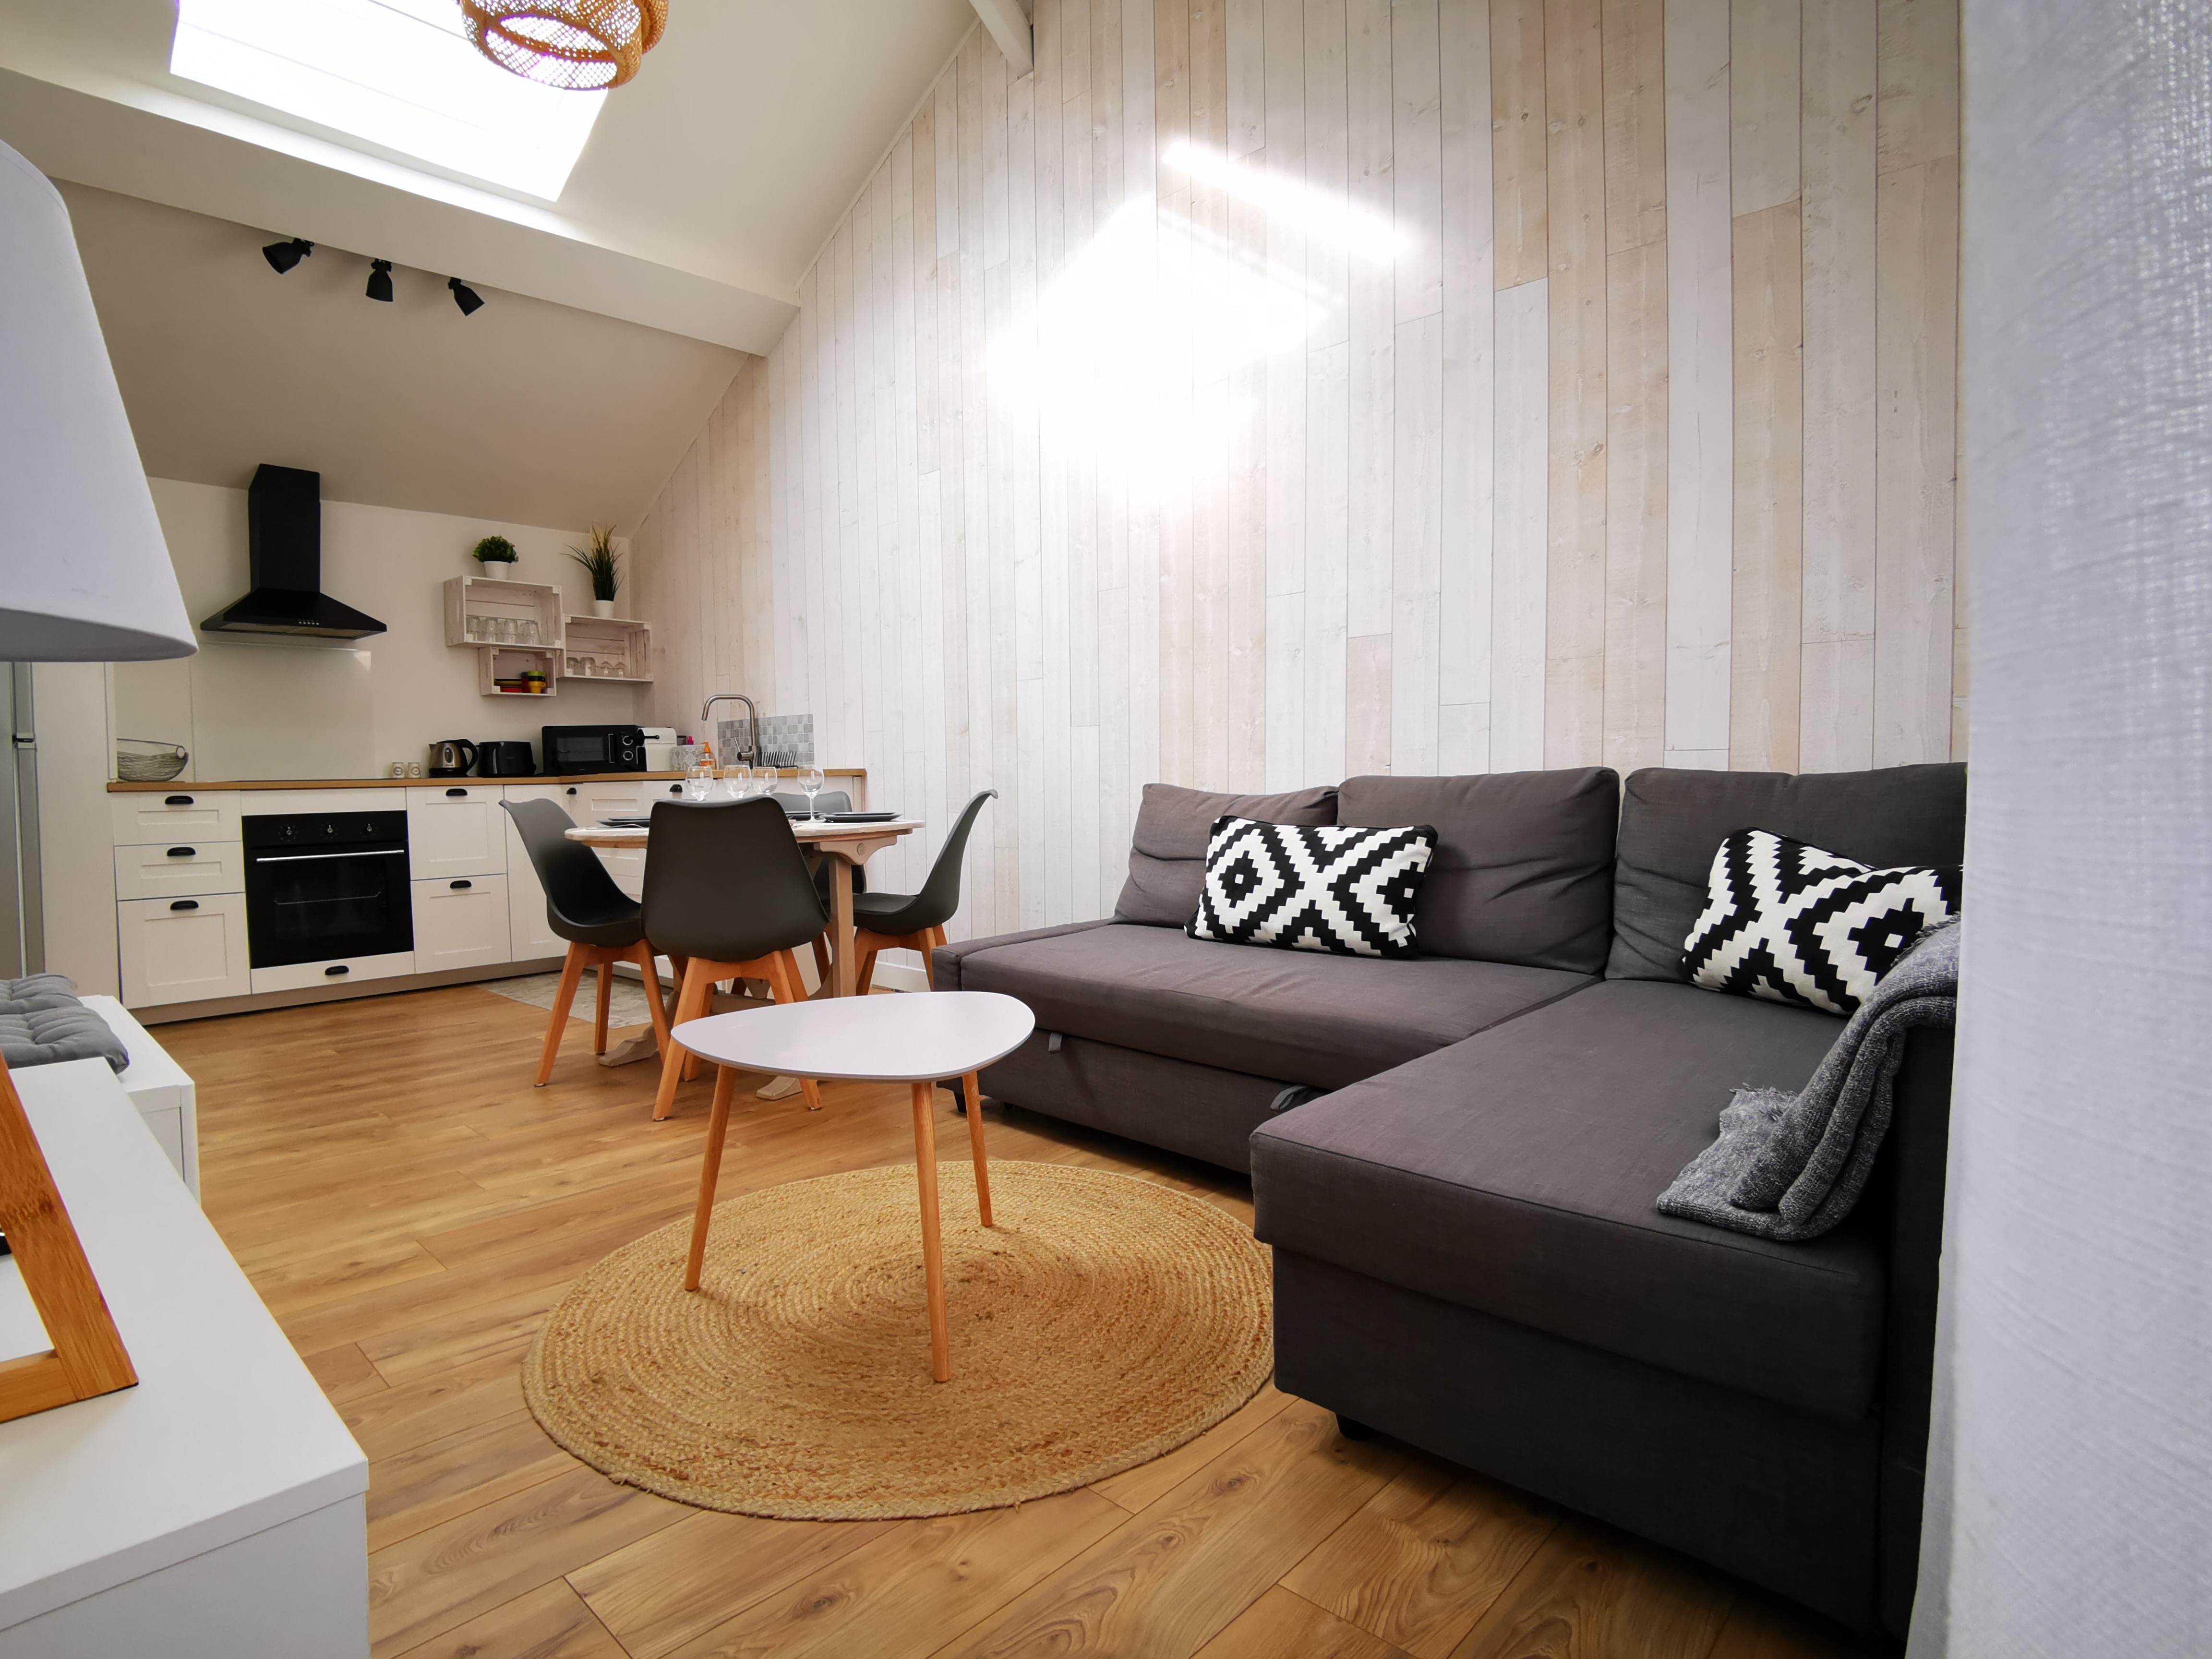 Appartement Cosy Dans La Ville D Ete D Arcachon Apartments For